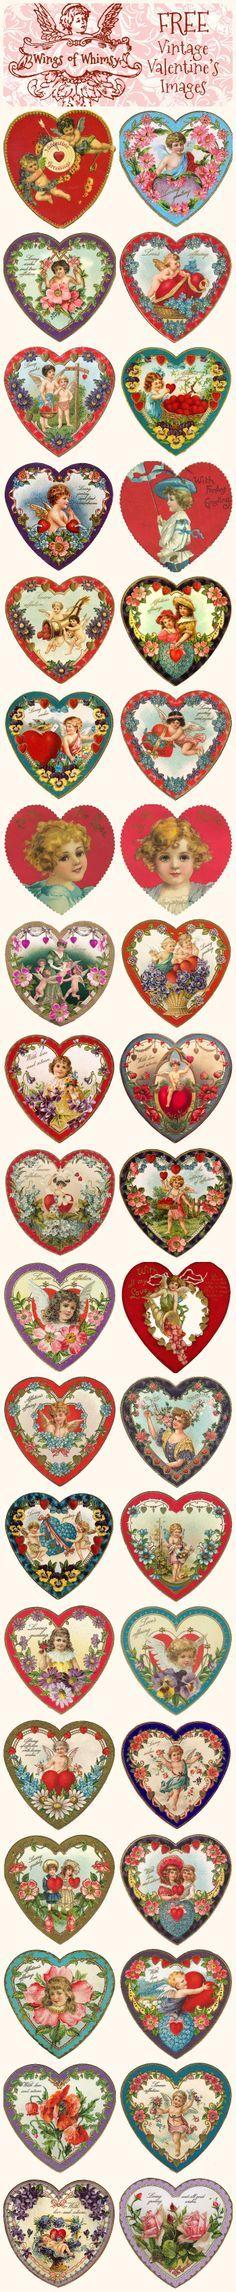 Corazones de San Valentín  -   Valentine Hearts